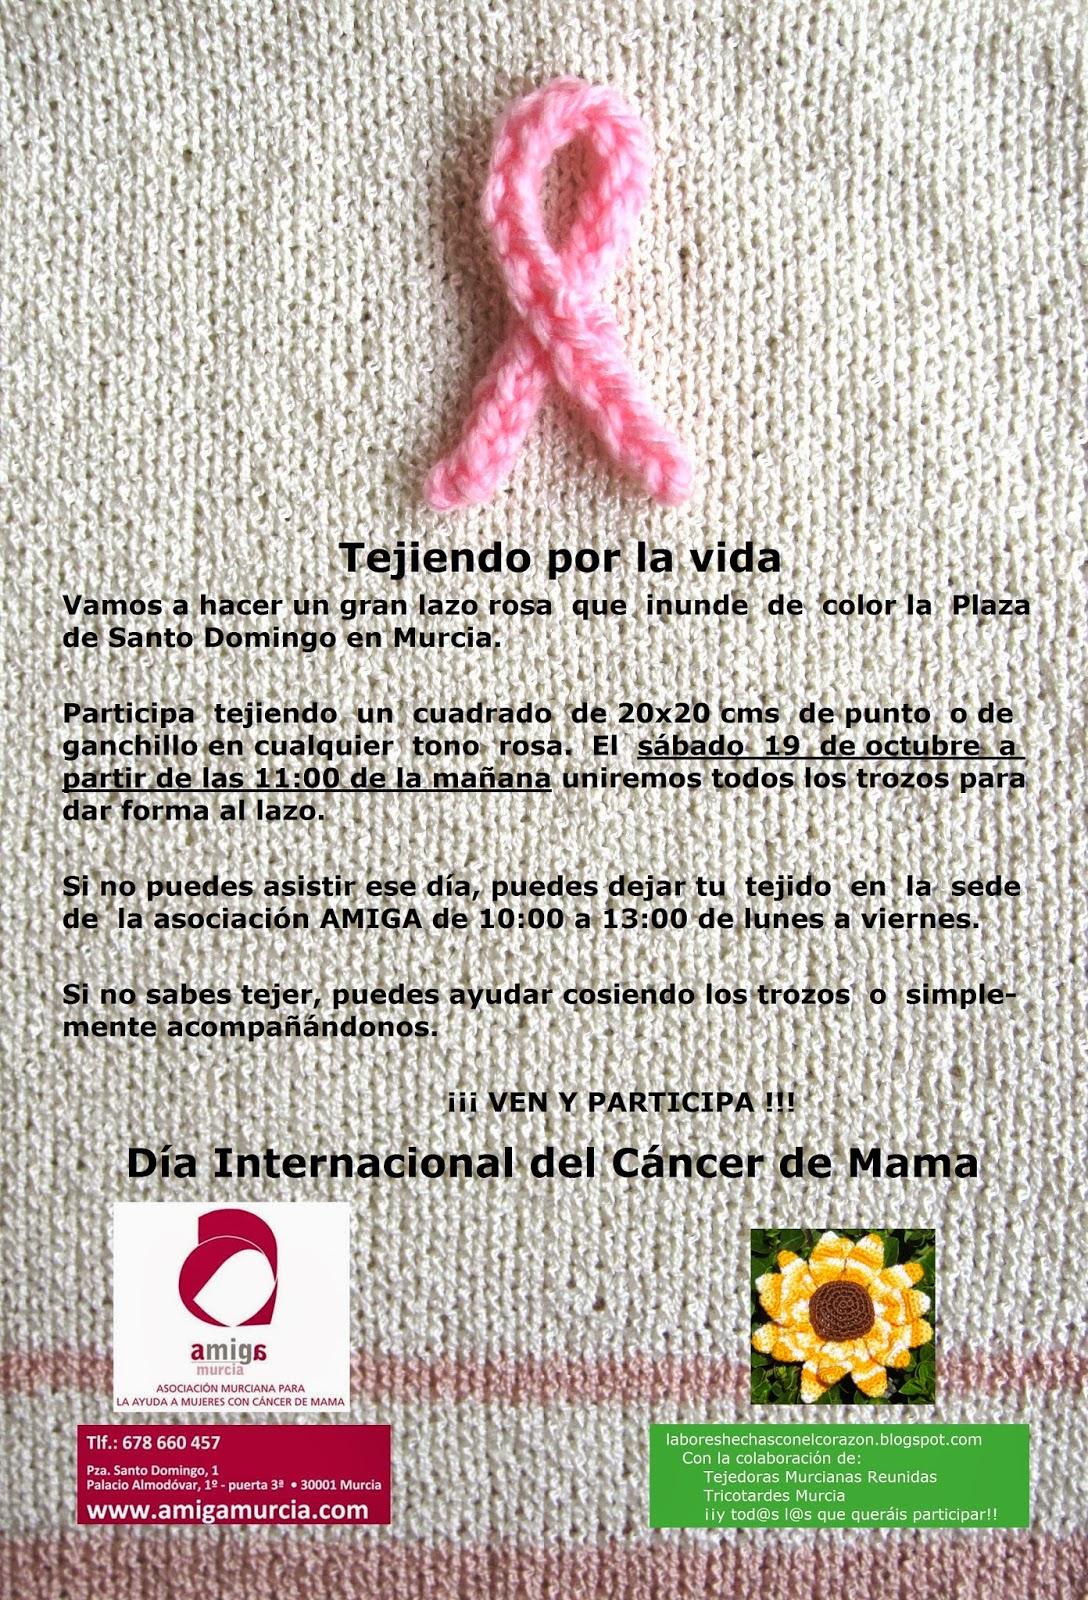 Anuncio de la quedada del día 19 de octubre de 2013 para hacer un gran lazo rosa tejido.